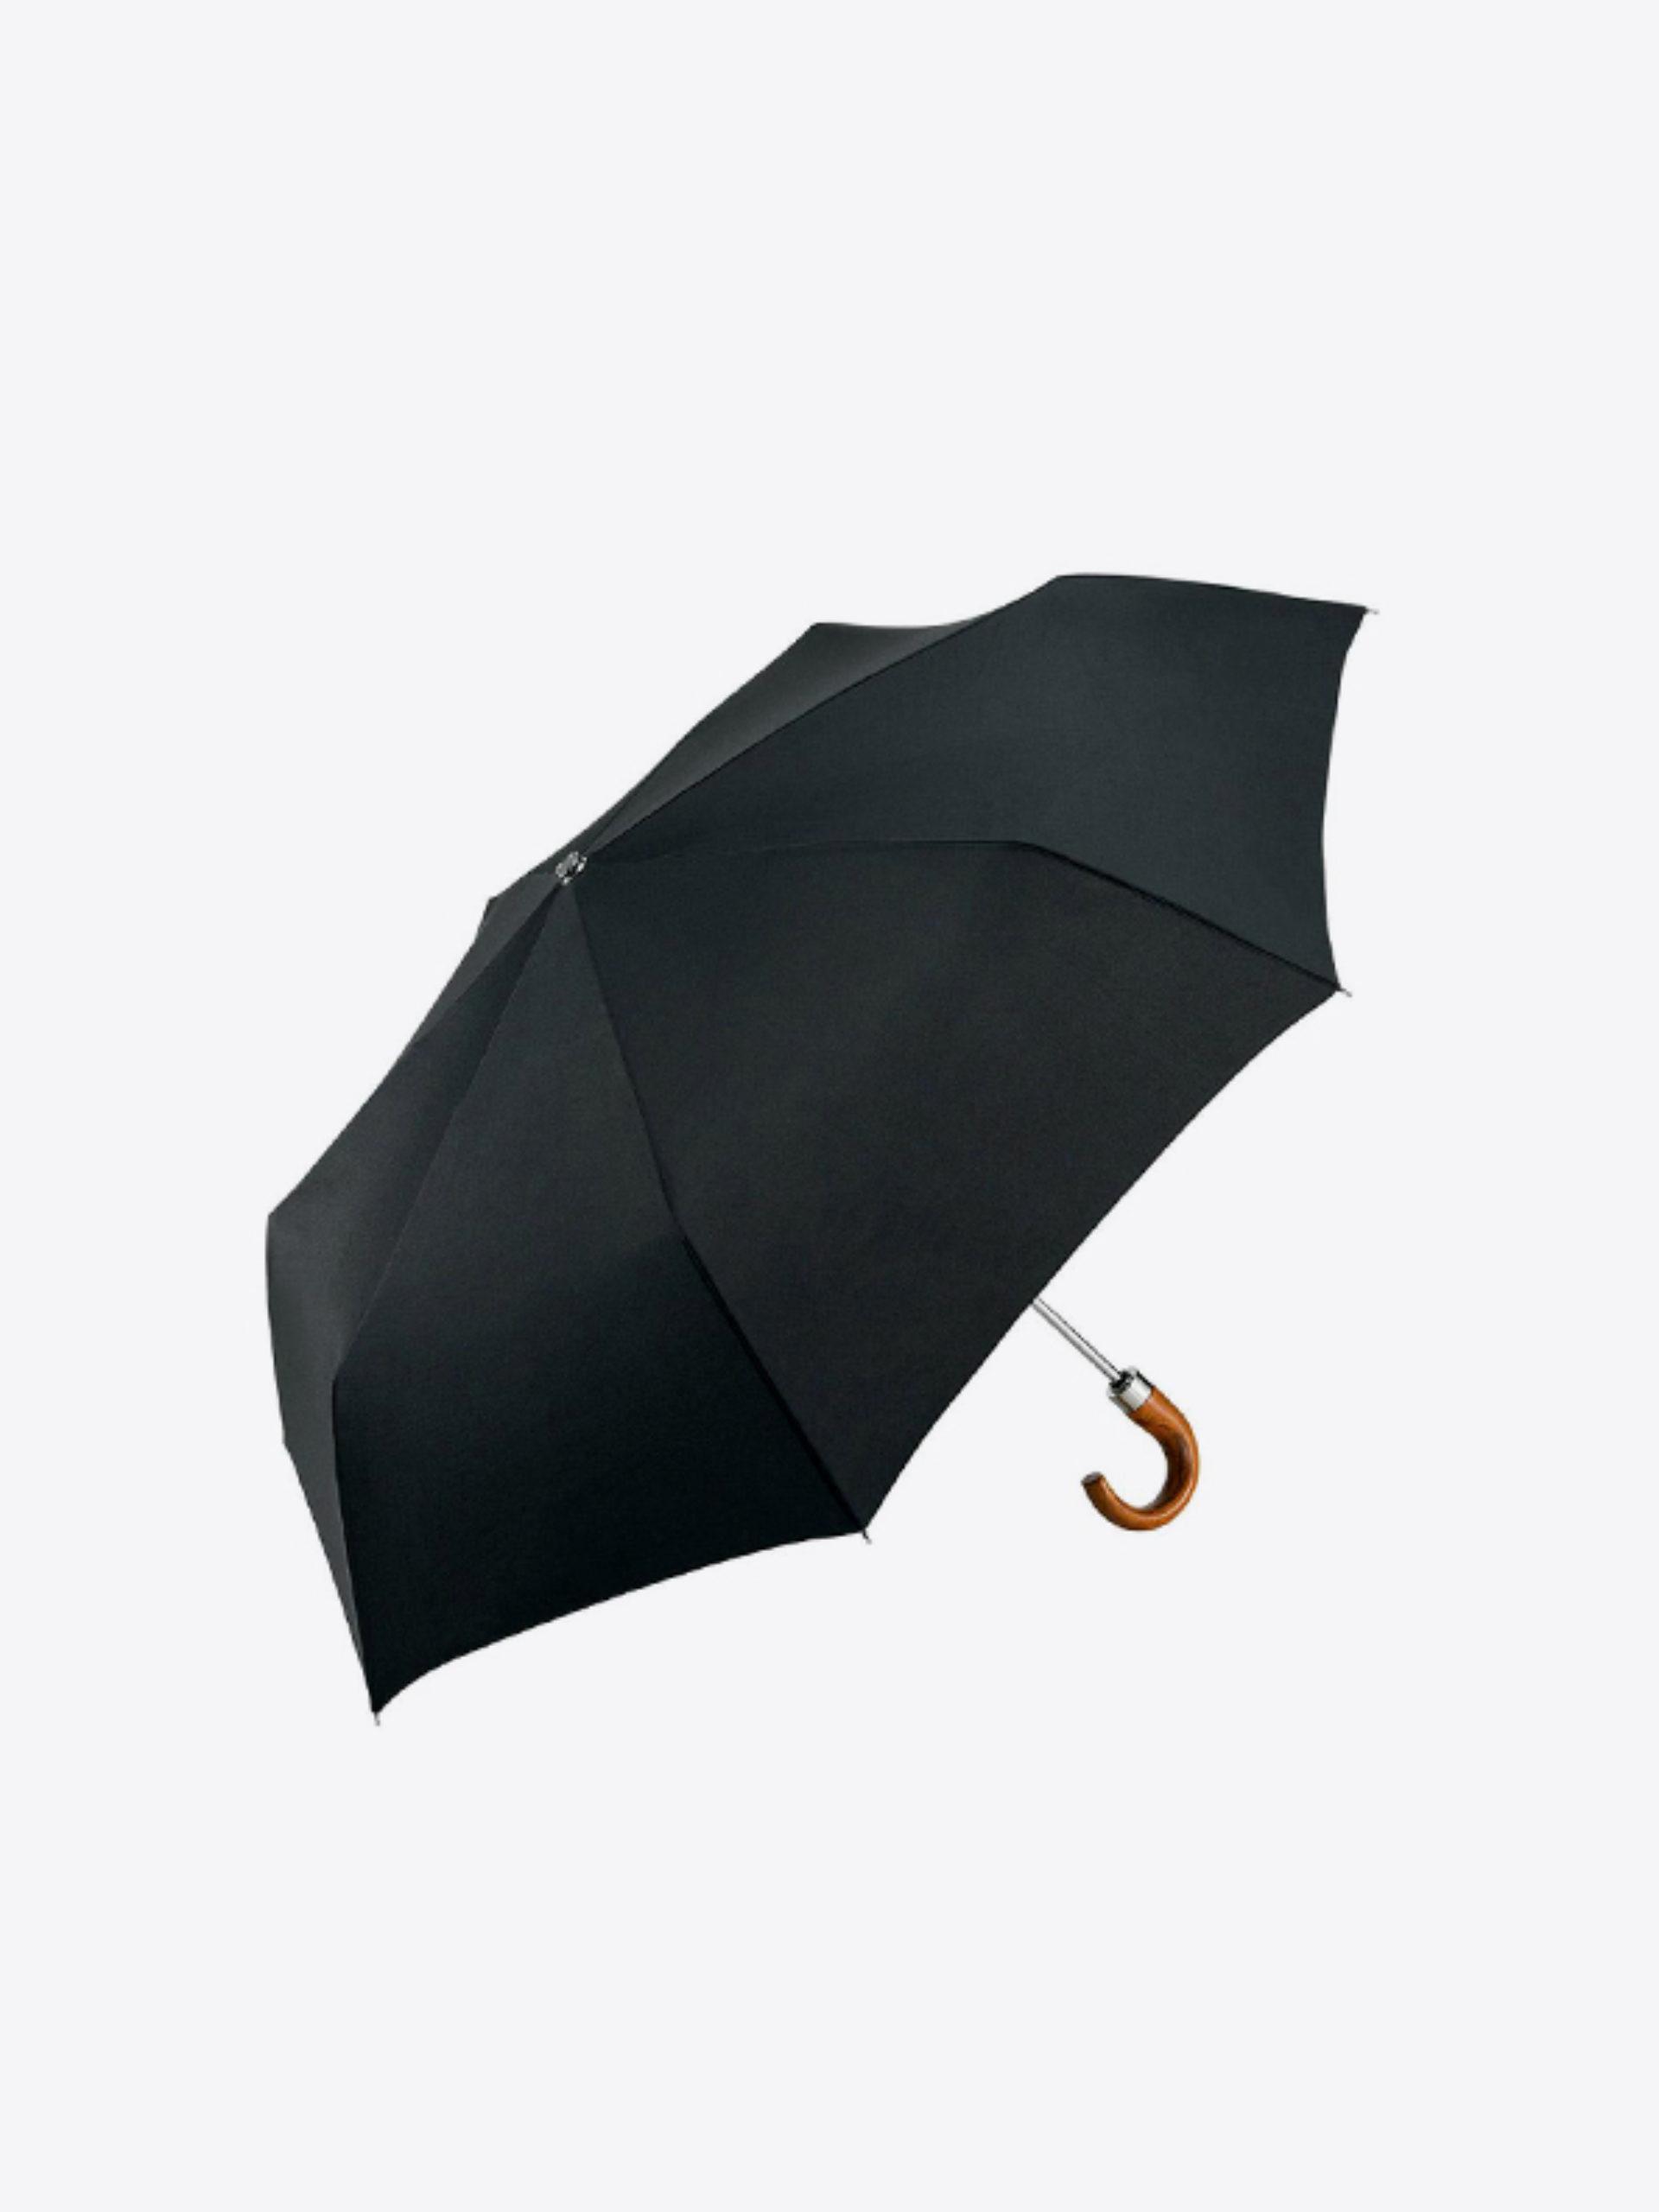 Knirps Schirm Mit Holzgriff Bedrucken